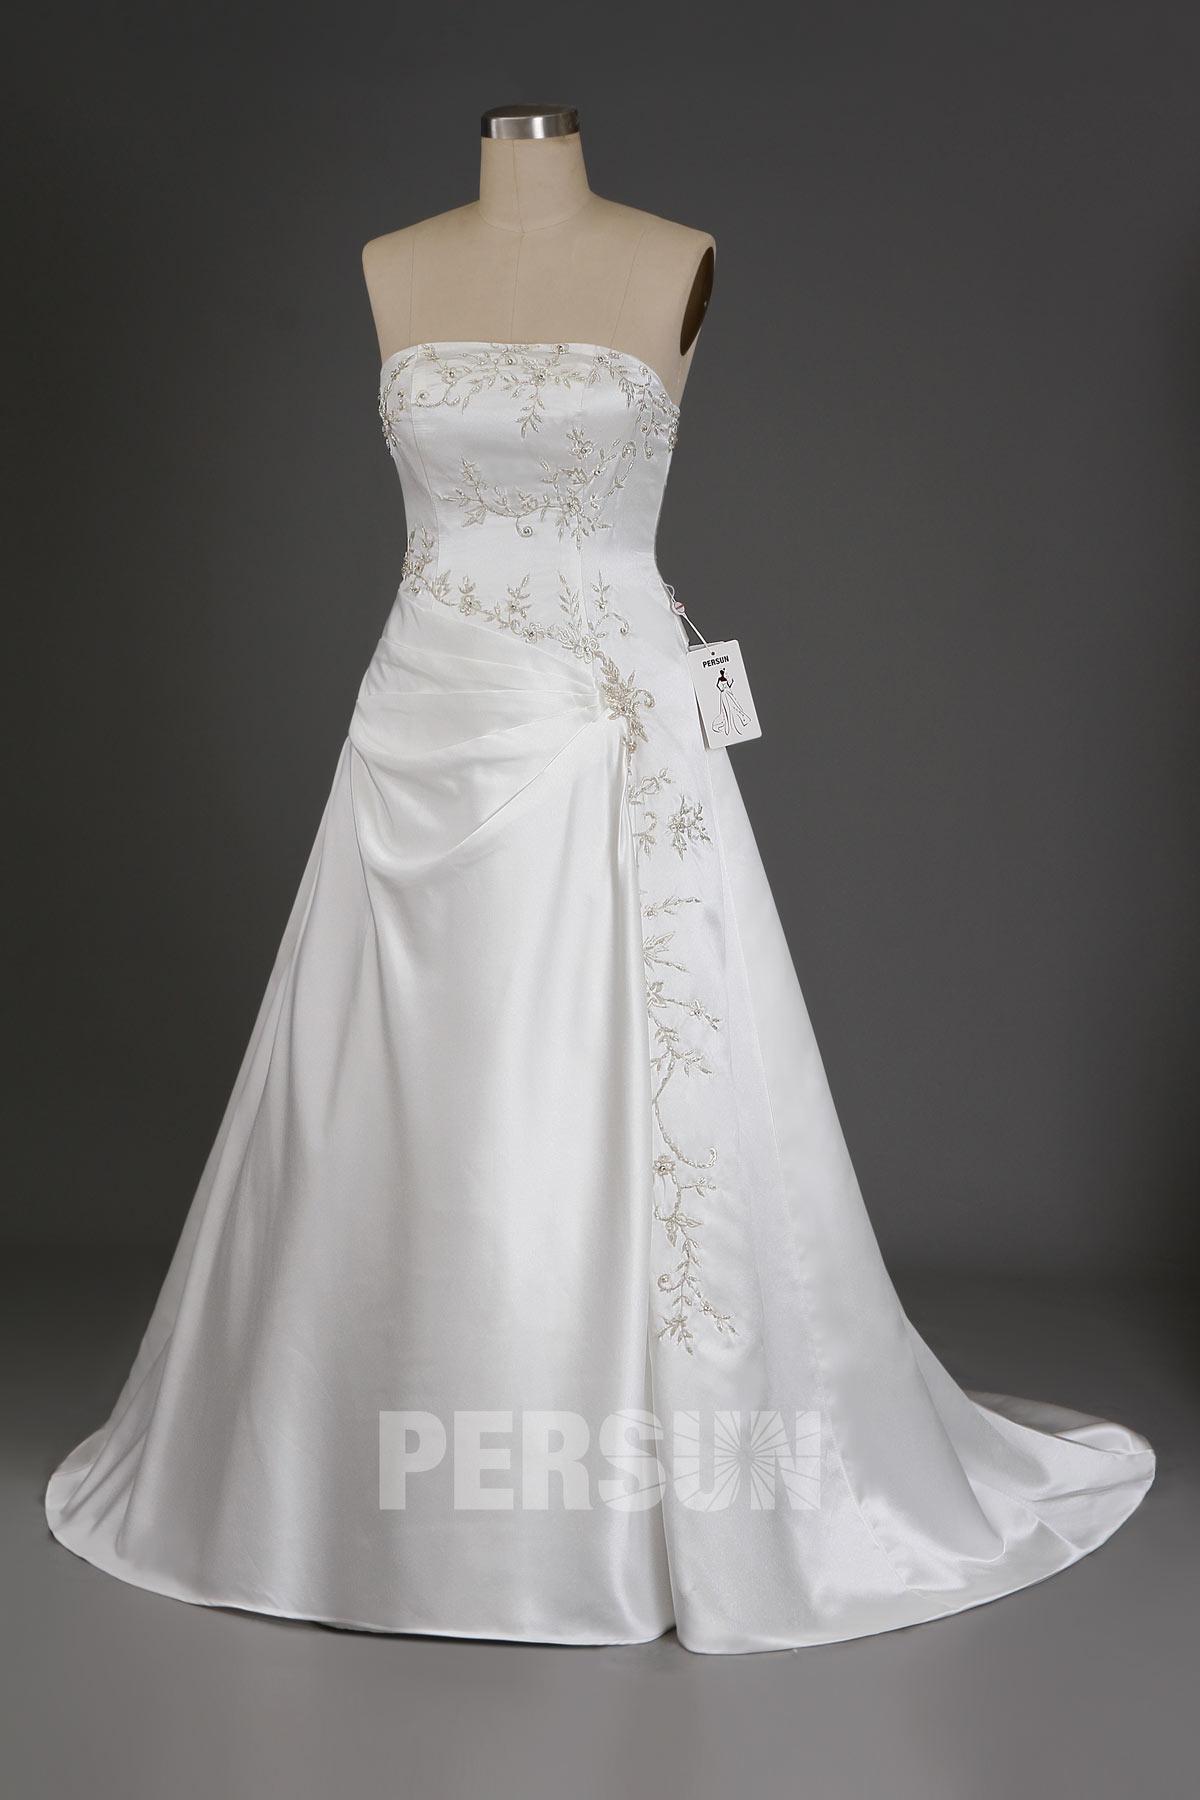 Robe de mariée à traîne Court Ligne A bustier droit en satin avec applique